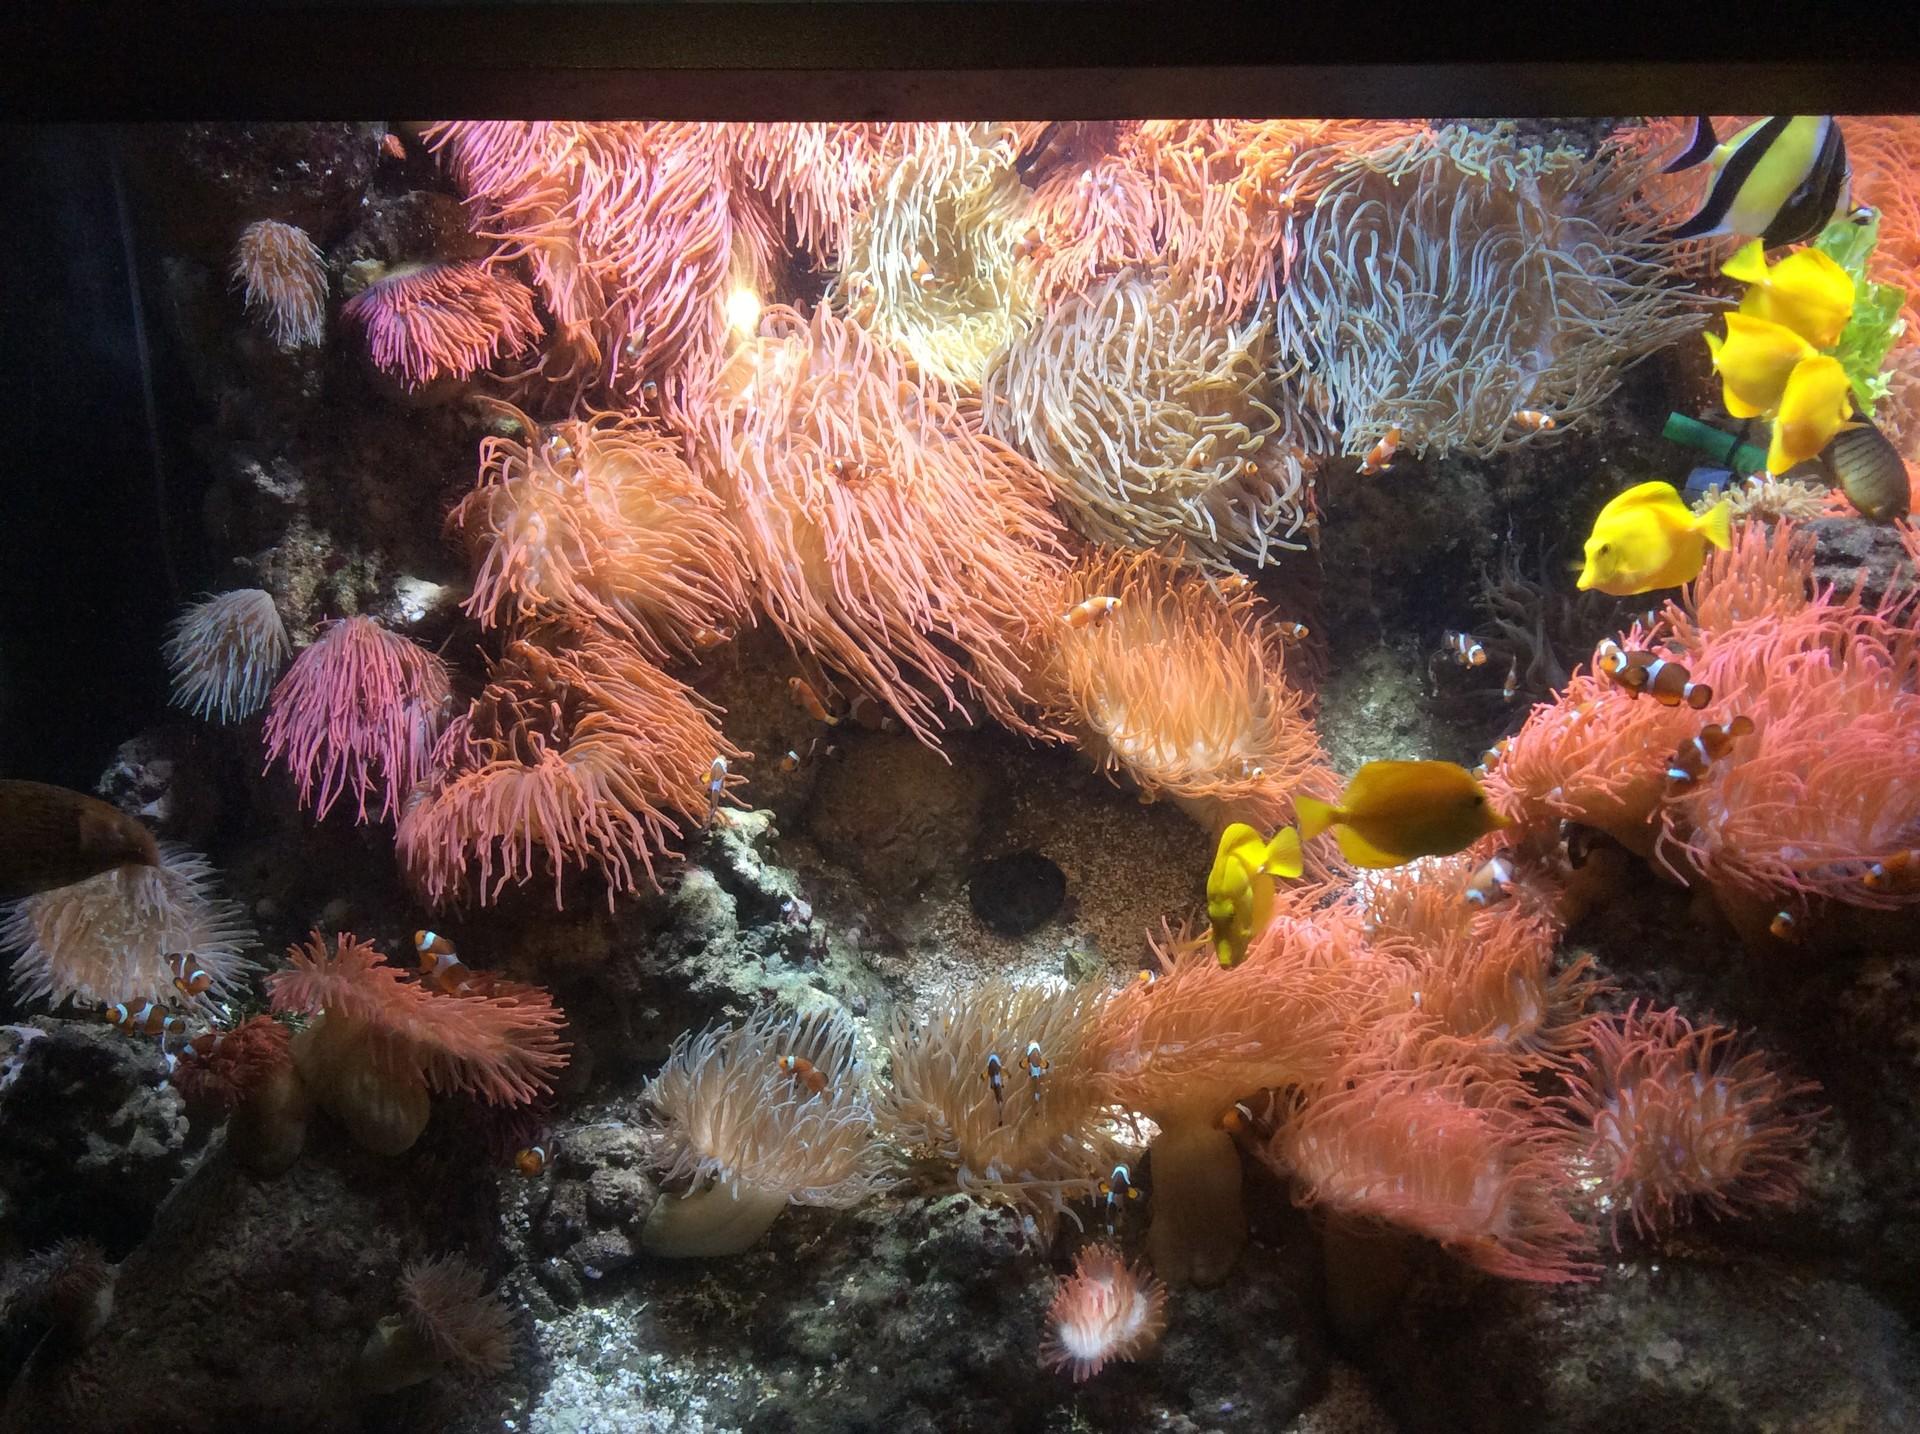 aquarium-genoa-italy-a3b087805c304c63251